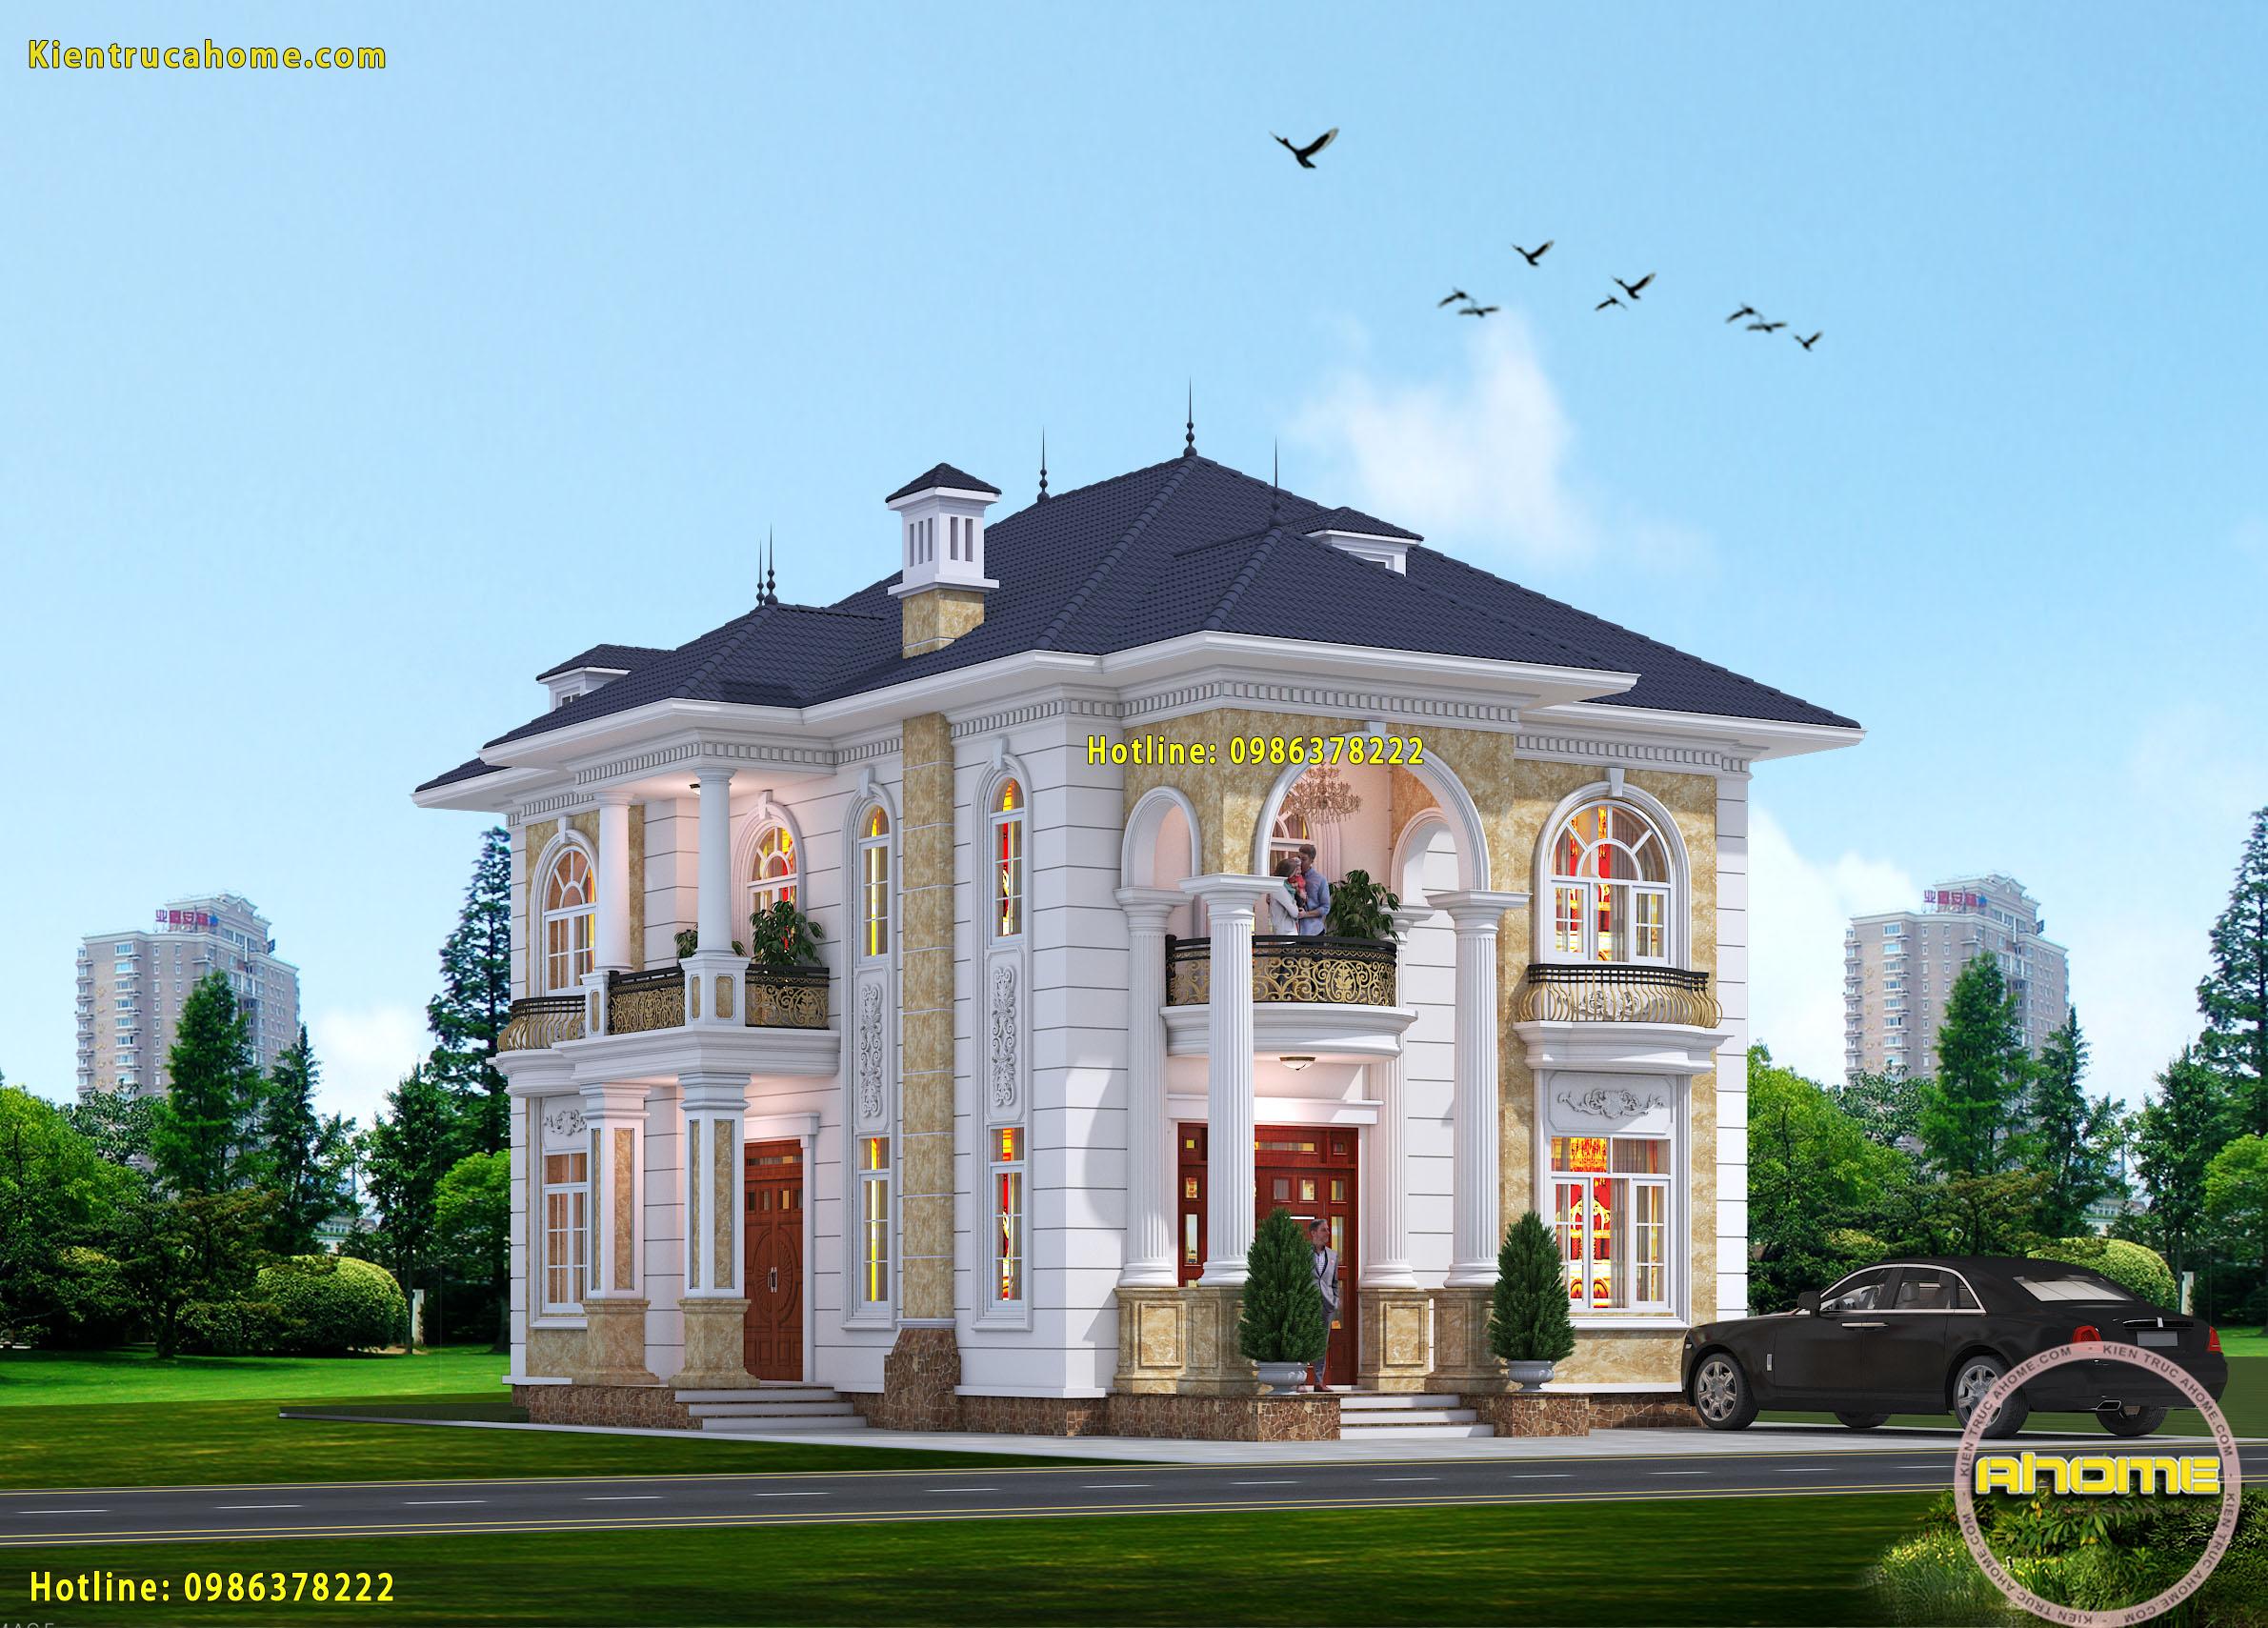 Mẫu biệt thự 2 tầng Tân cổ điển đẹp-4